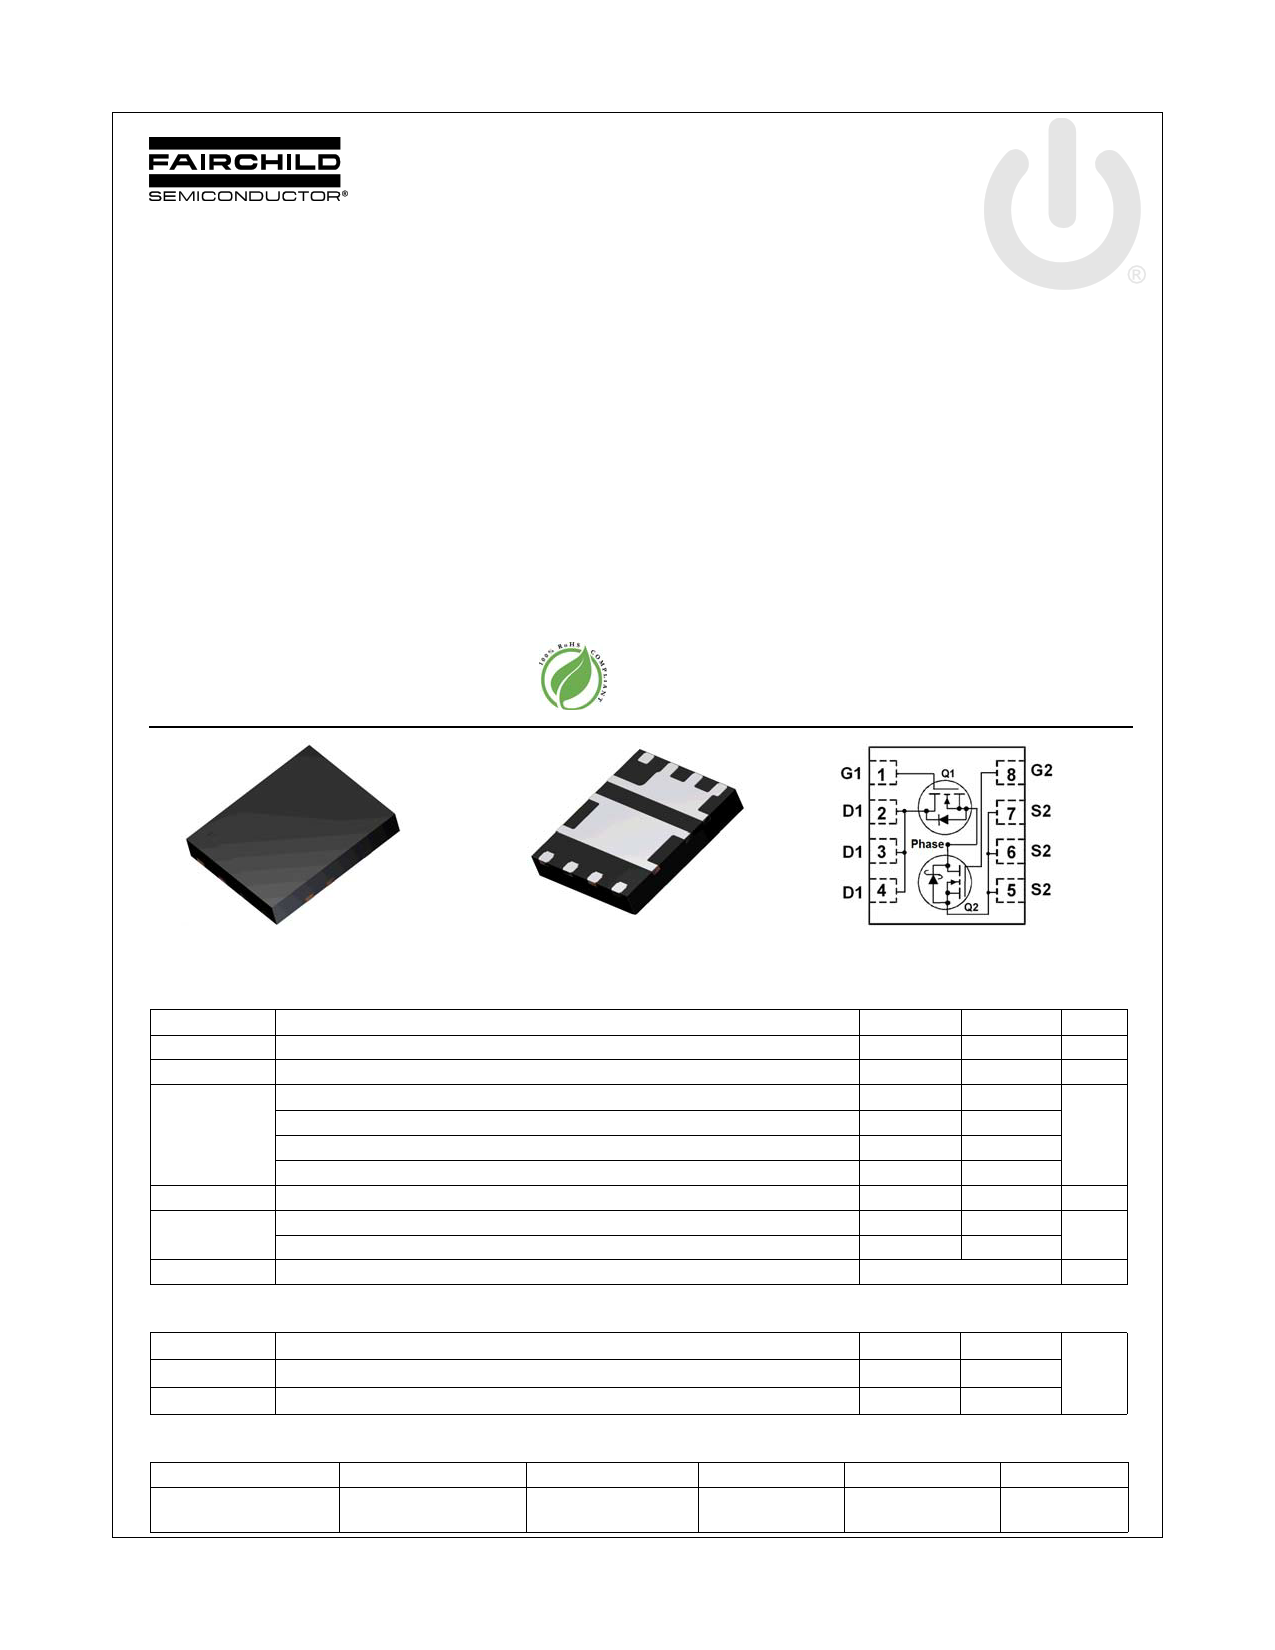 FDMS3686S 데이터시트 및 FDMS3686S PDF